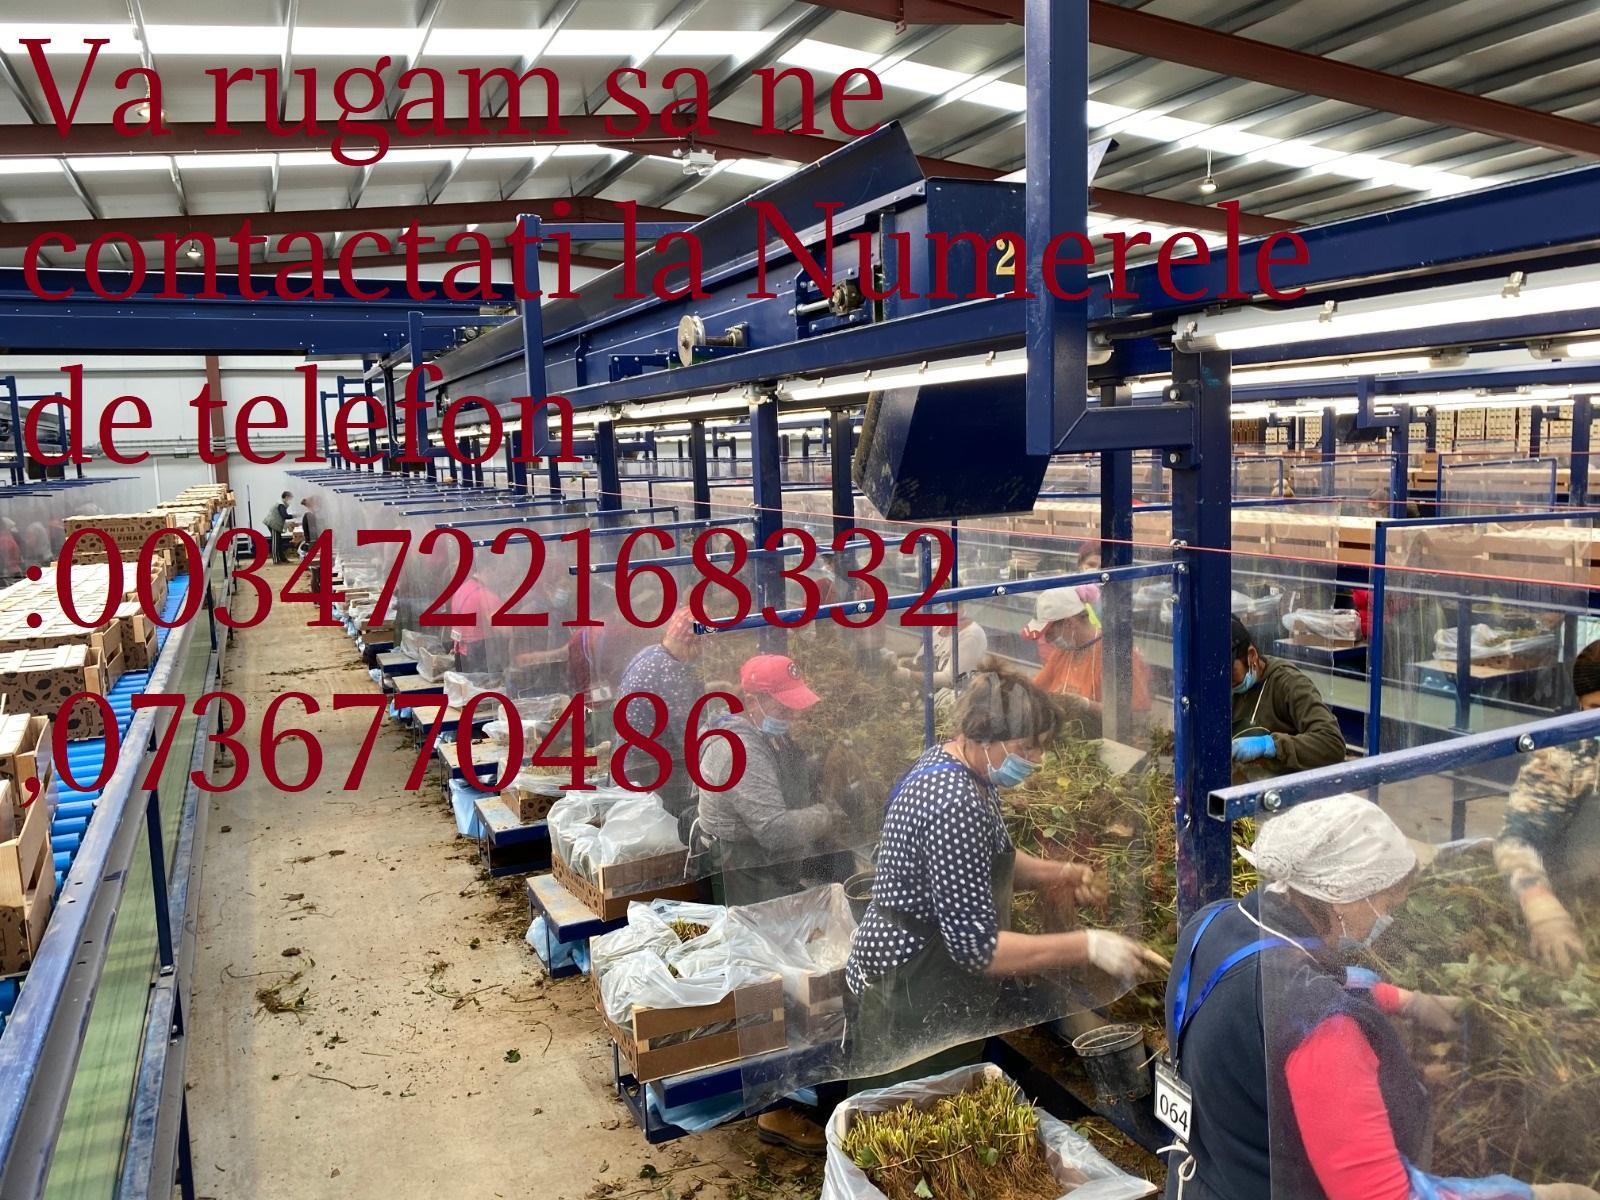 WhatsApp Image 2021-09-08 at 22.11.06